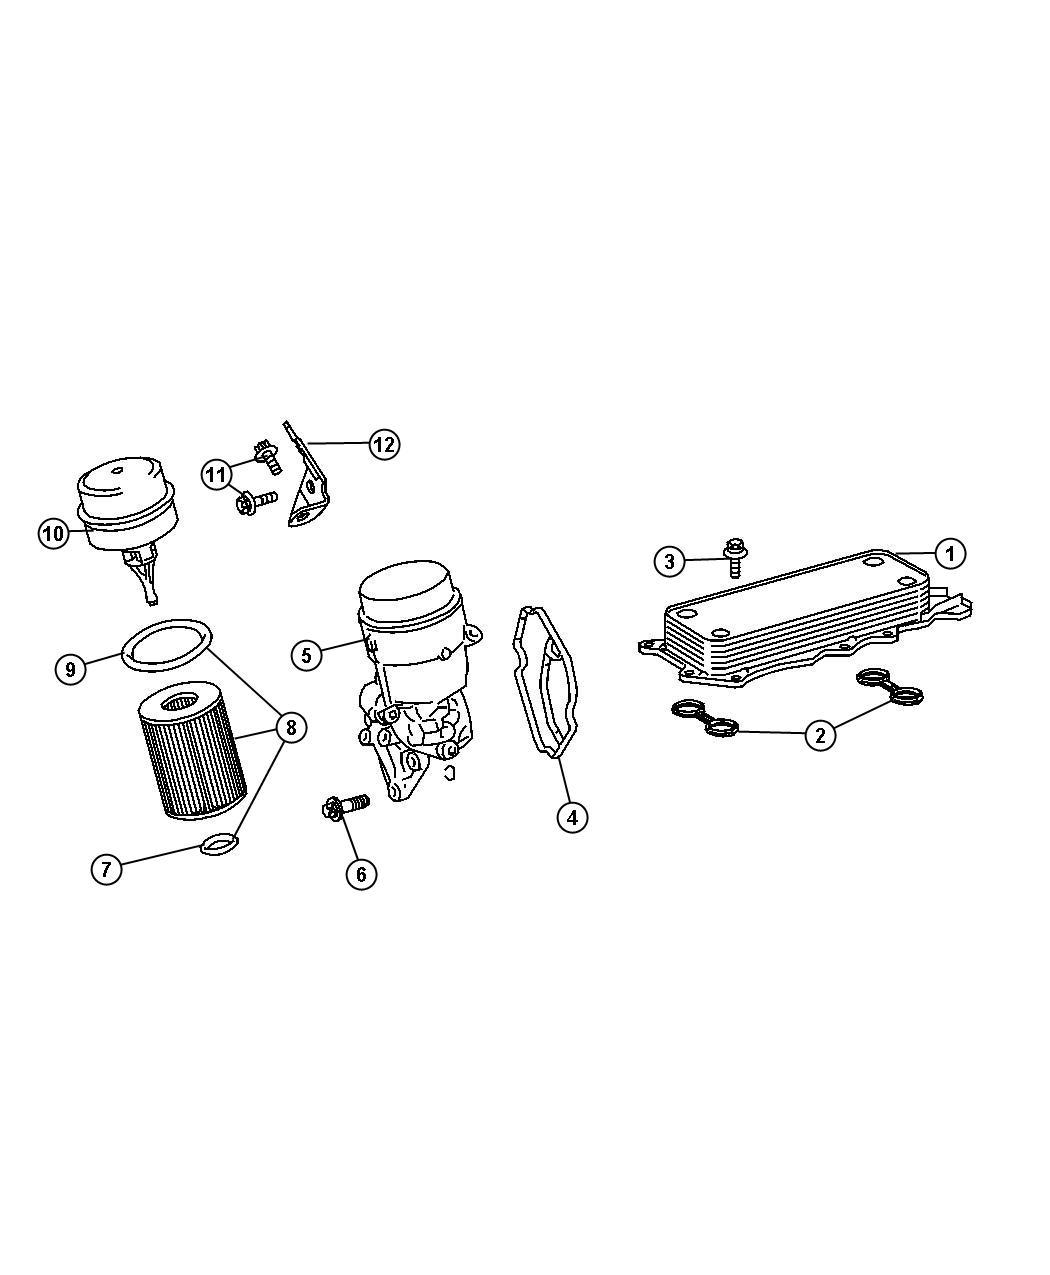 2008 Dodge Sprinter 2500 Engine Oil Cooler And Hoses/Tubes.